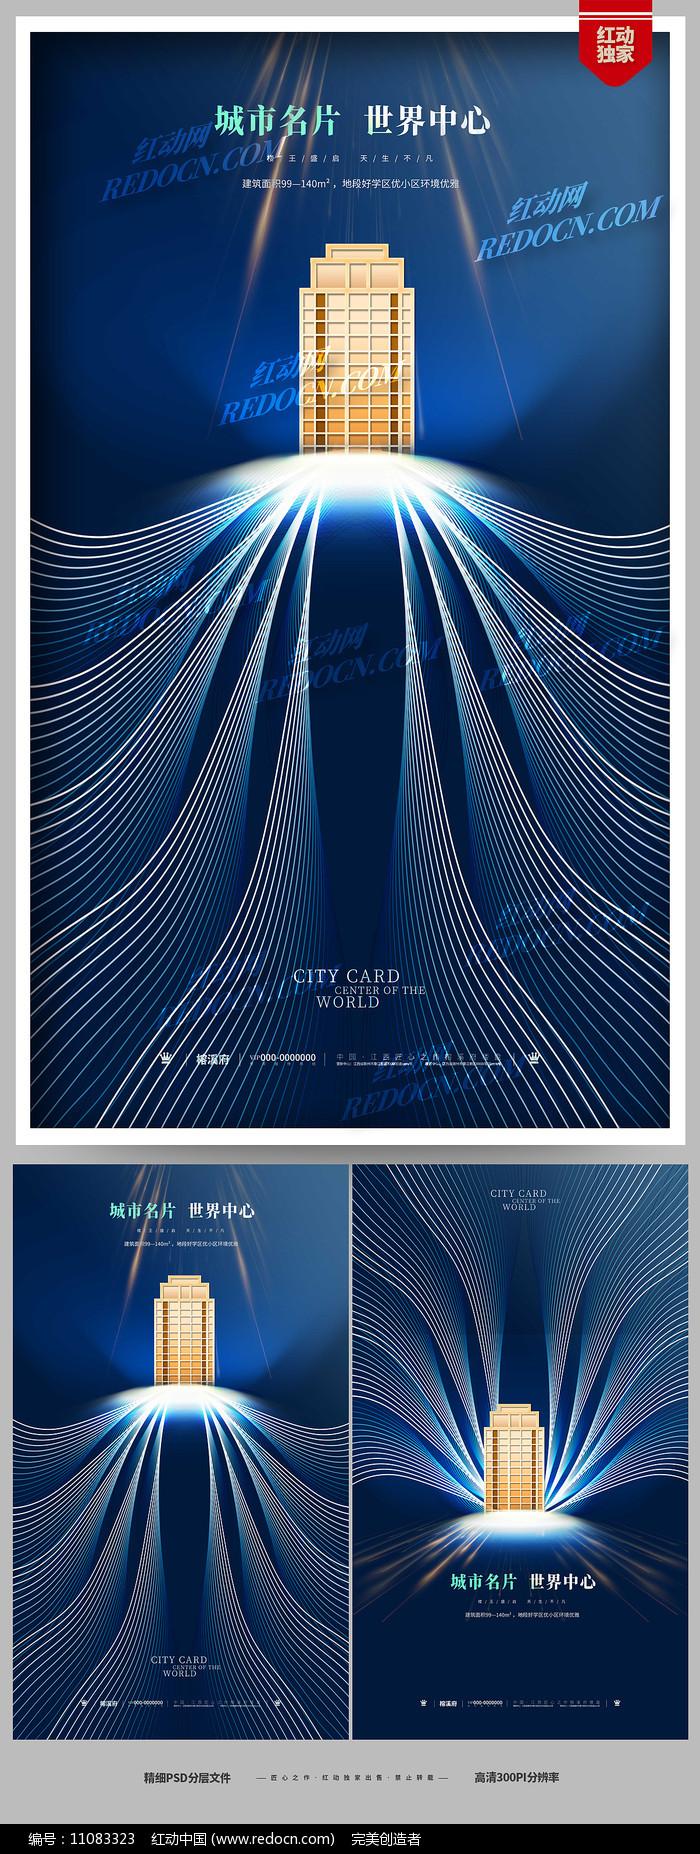 蓝色创意房地产宣传广告设计图片